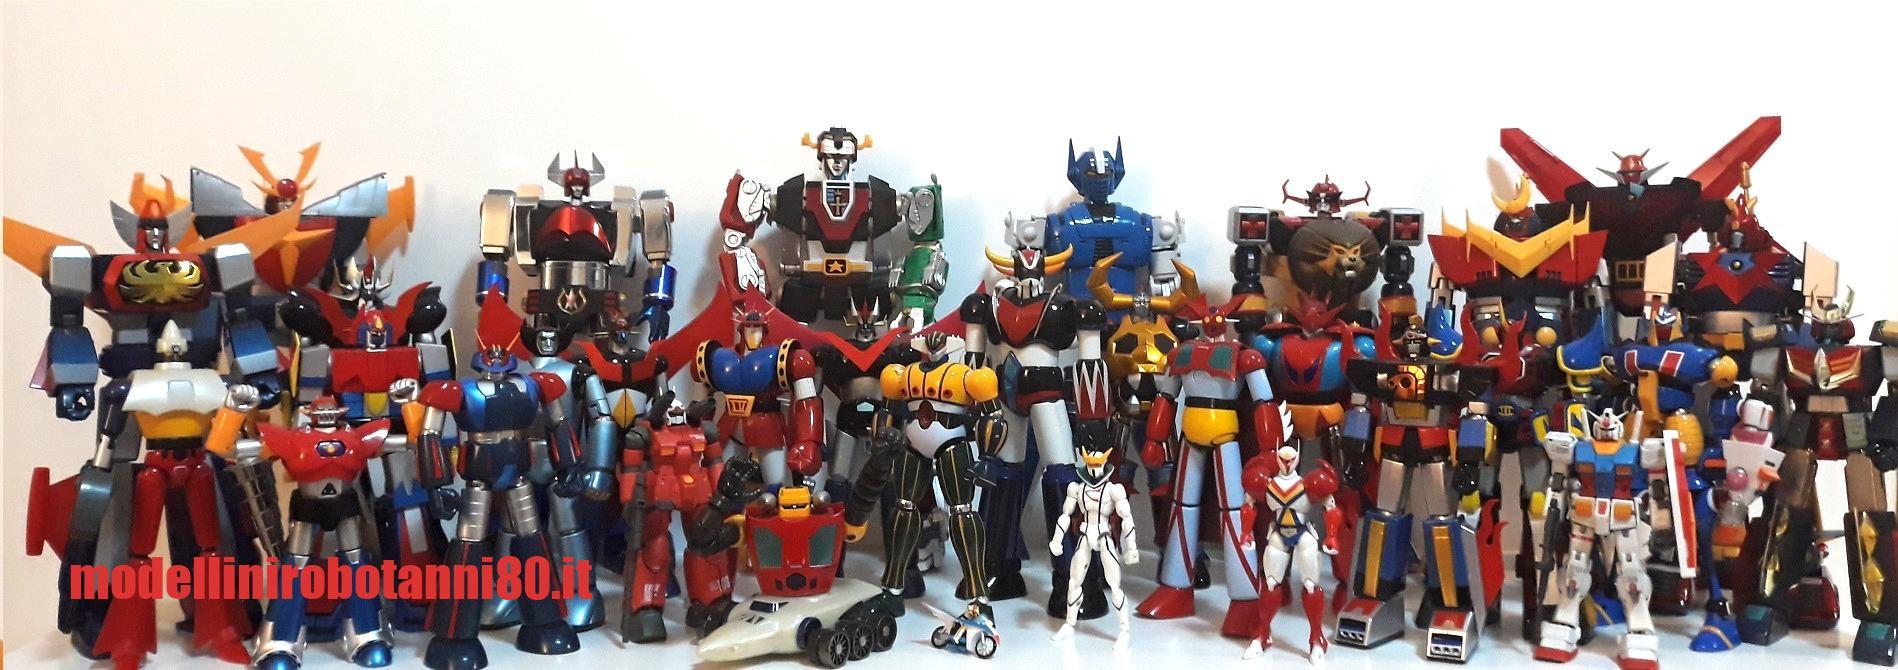 modellini robot anni 80 - collezione robottoni giapponesi